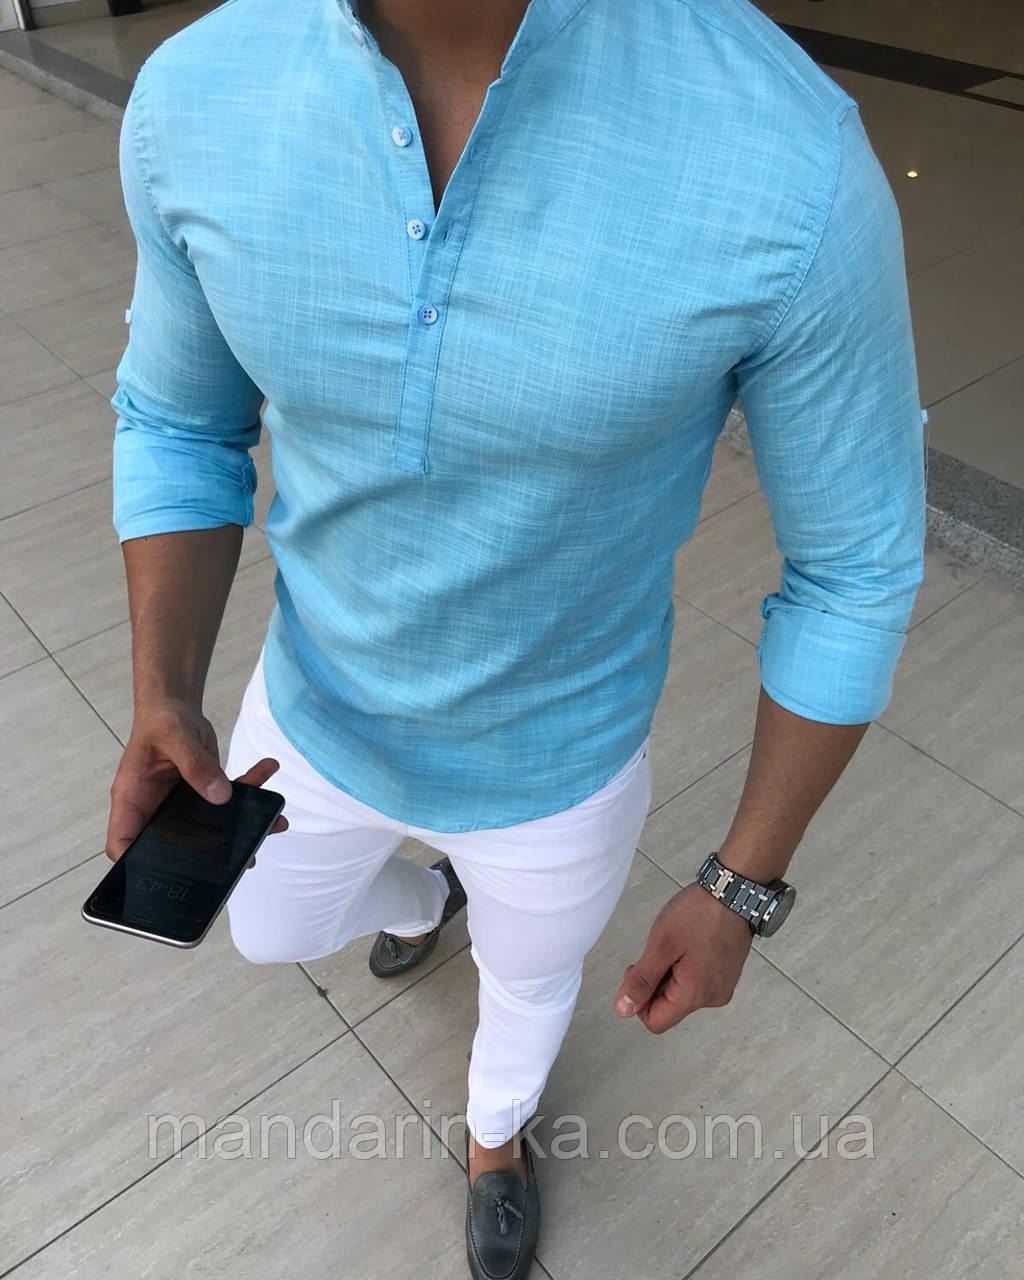 Мужская рубашка голубая Slim Fit с воротником стойкой.